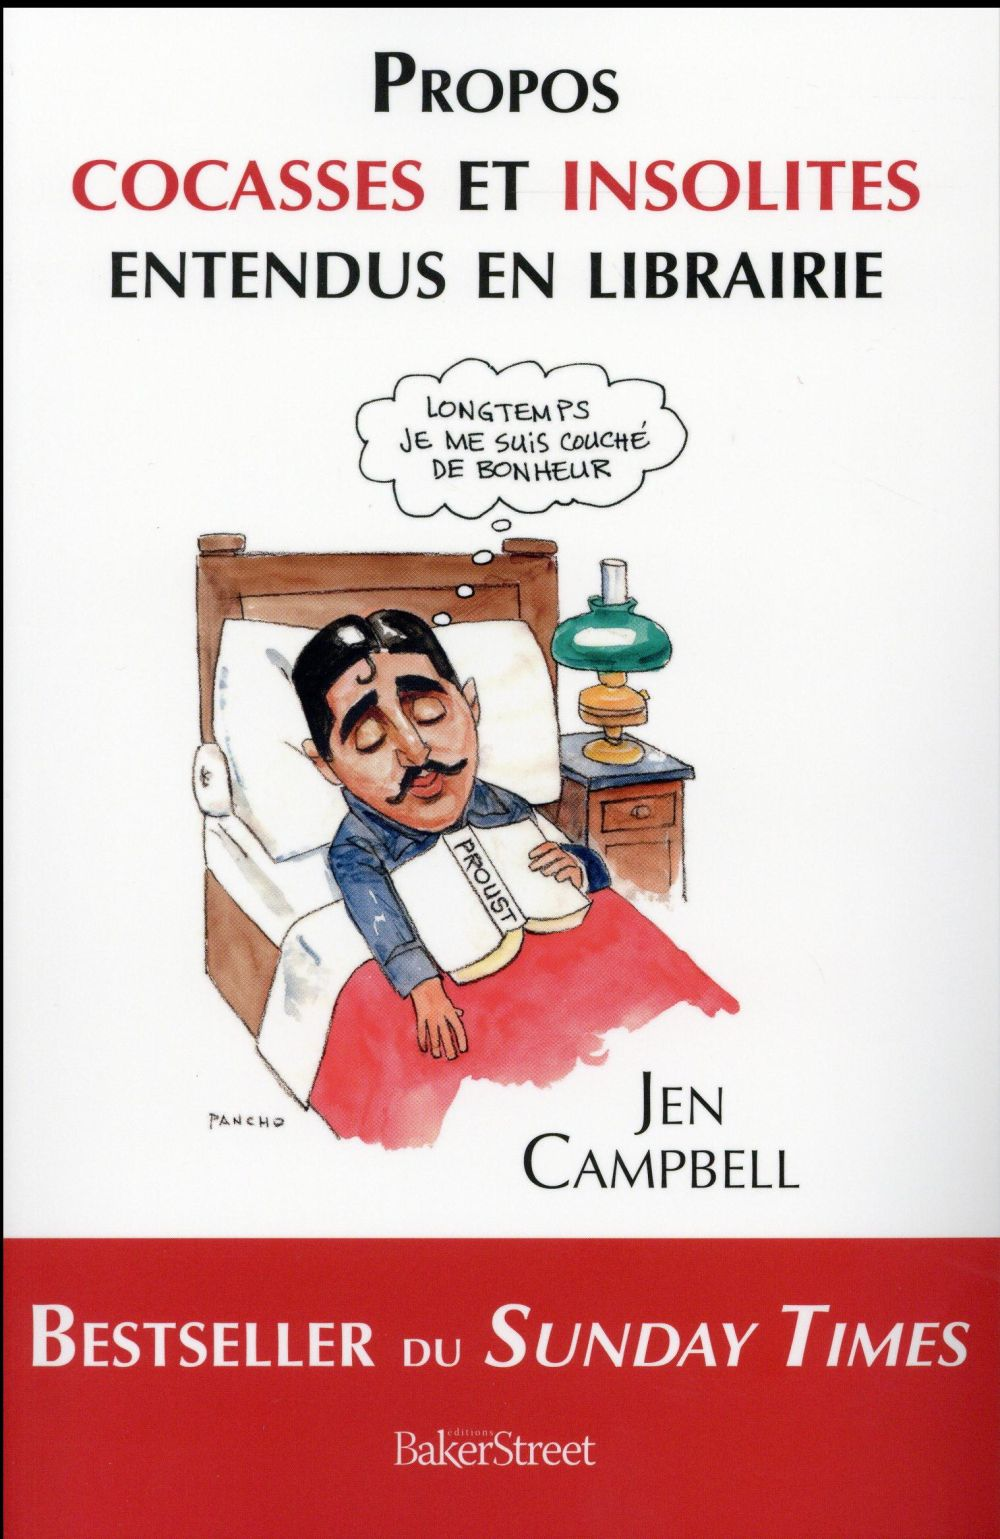 Propos cocasses et insolites entendus en librairie